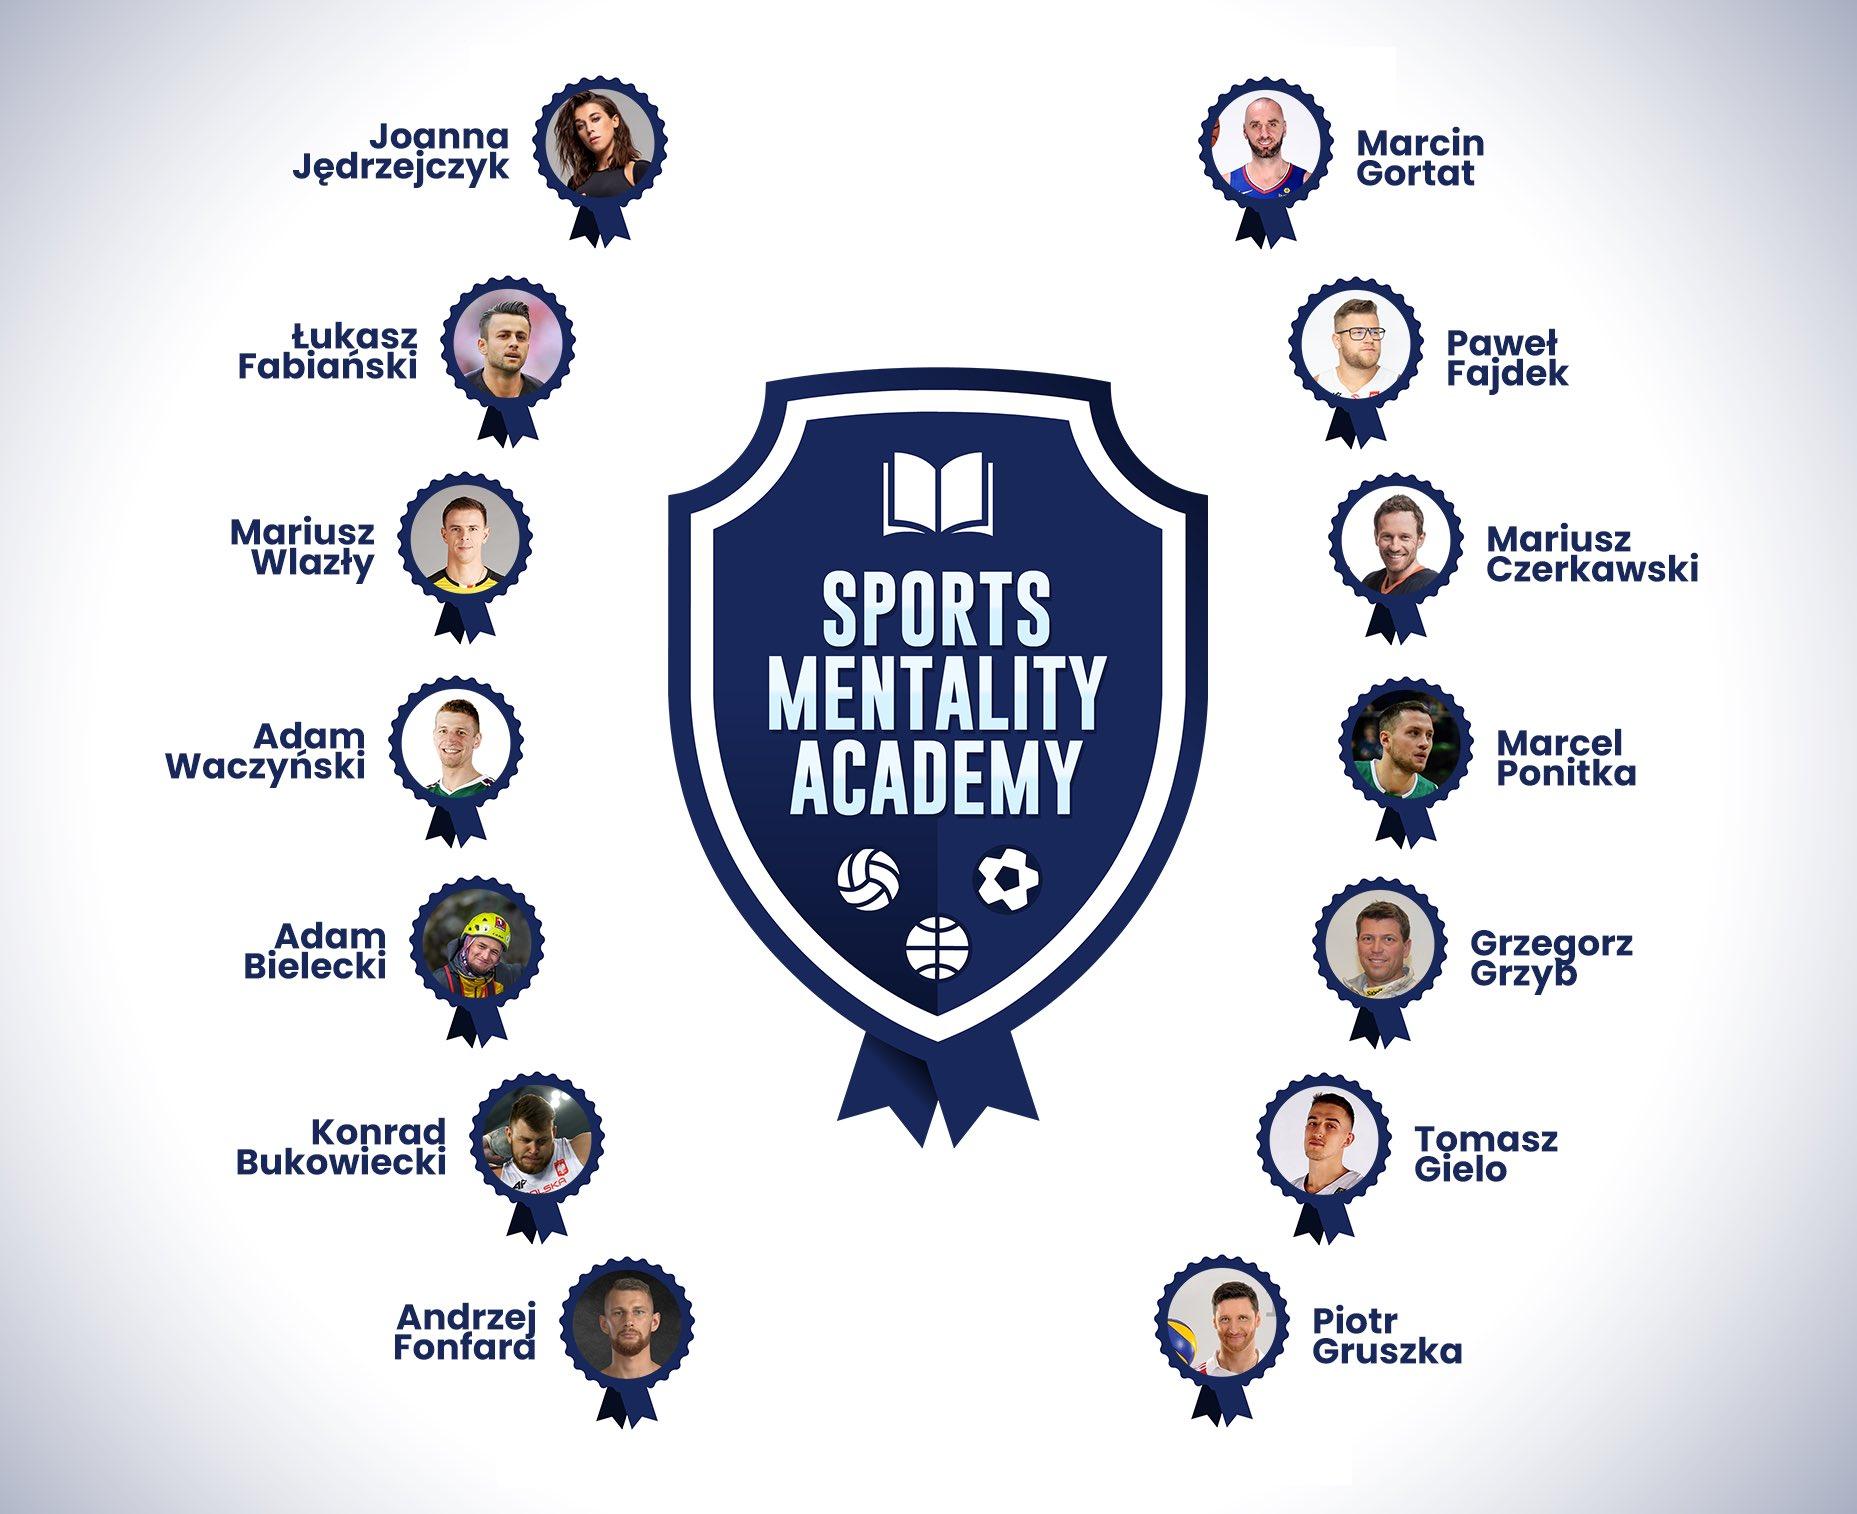 eugfaepu8aywkq4 - Gwiazdy zostały trenerami mentalnymi młodych sportowców